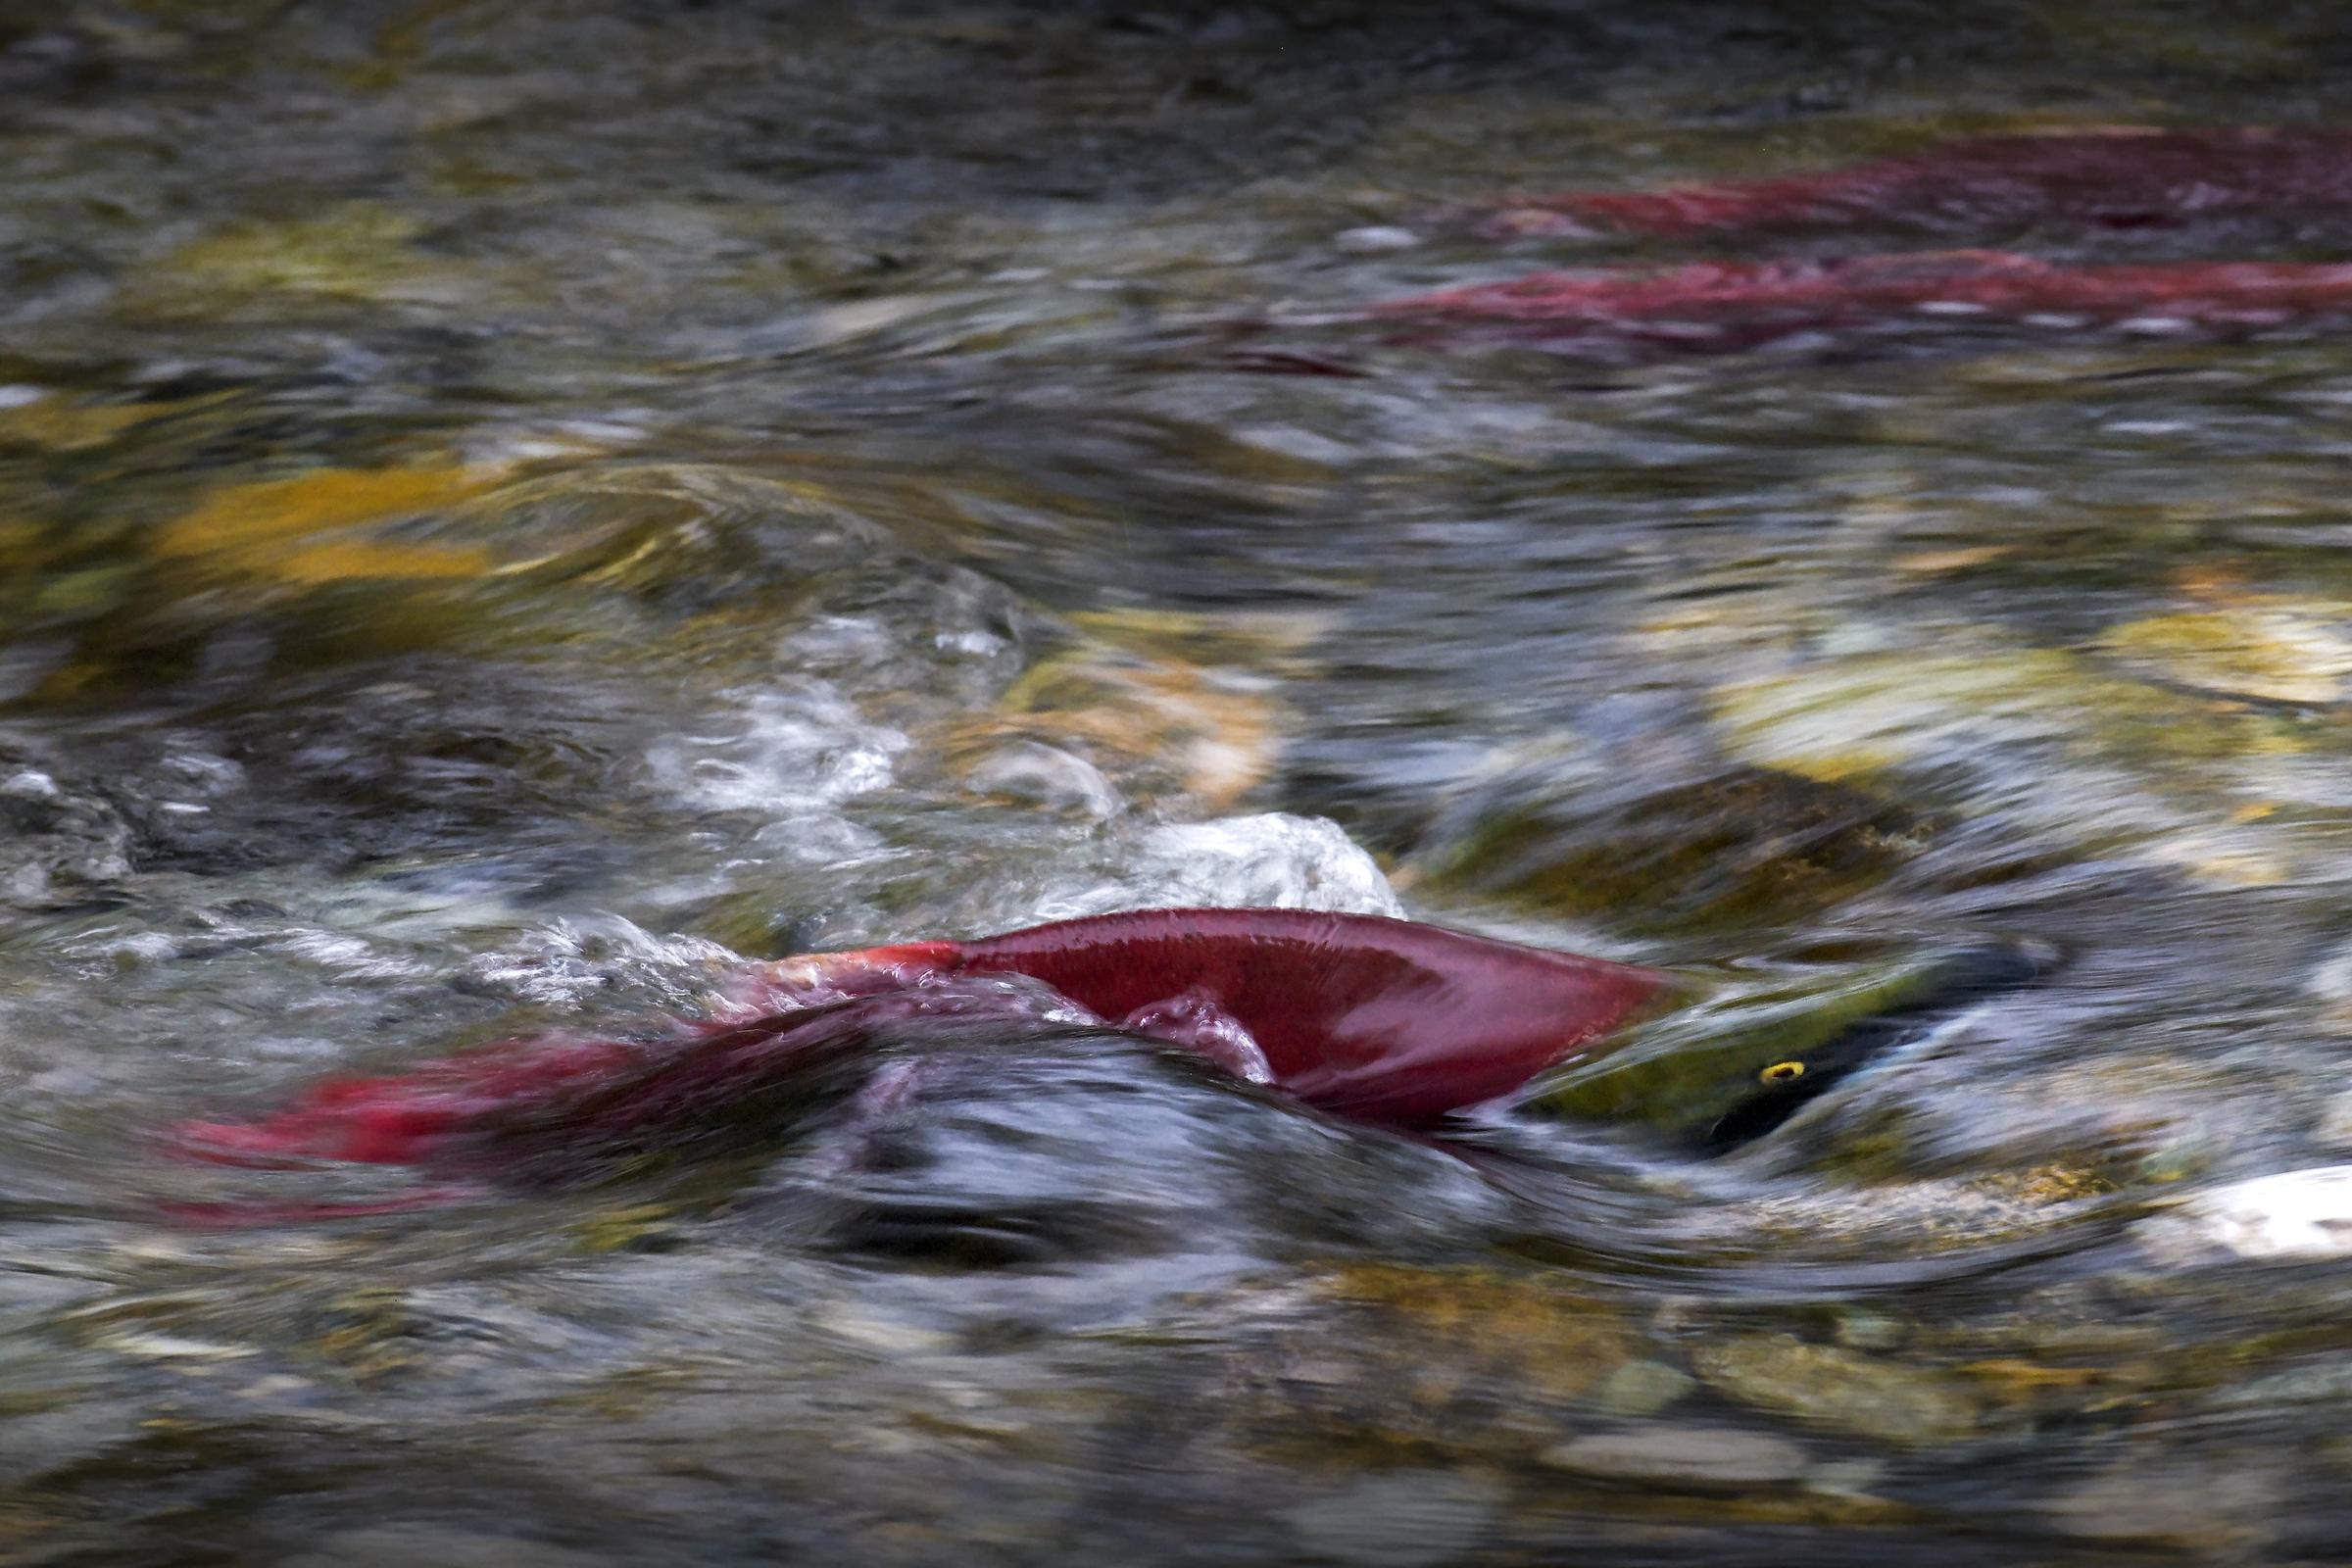 Угри и белуги путешествуют даже в очень пожилом возрасте Угри и белуги путешествуют даже в очень пожилом возрасте losos